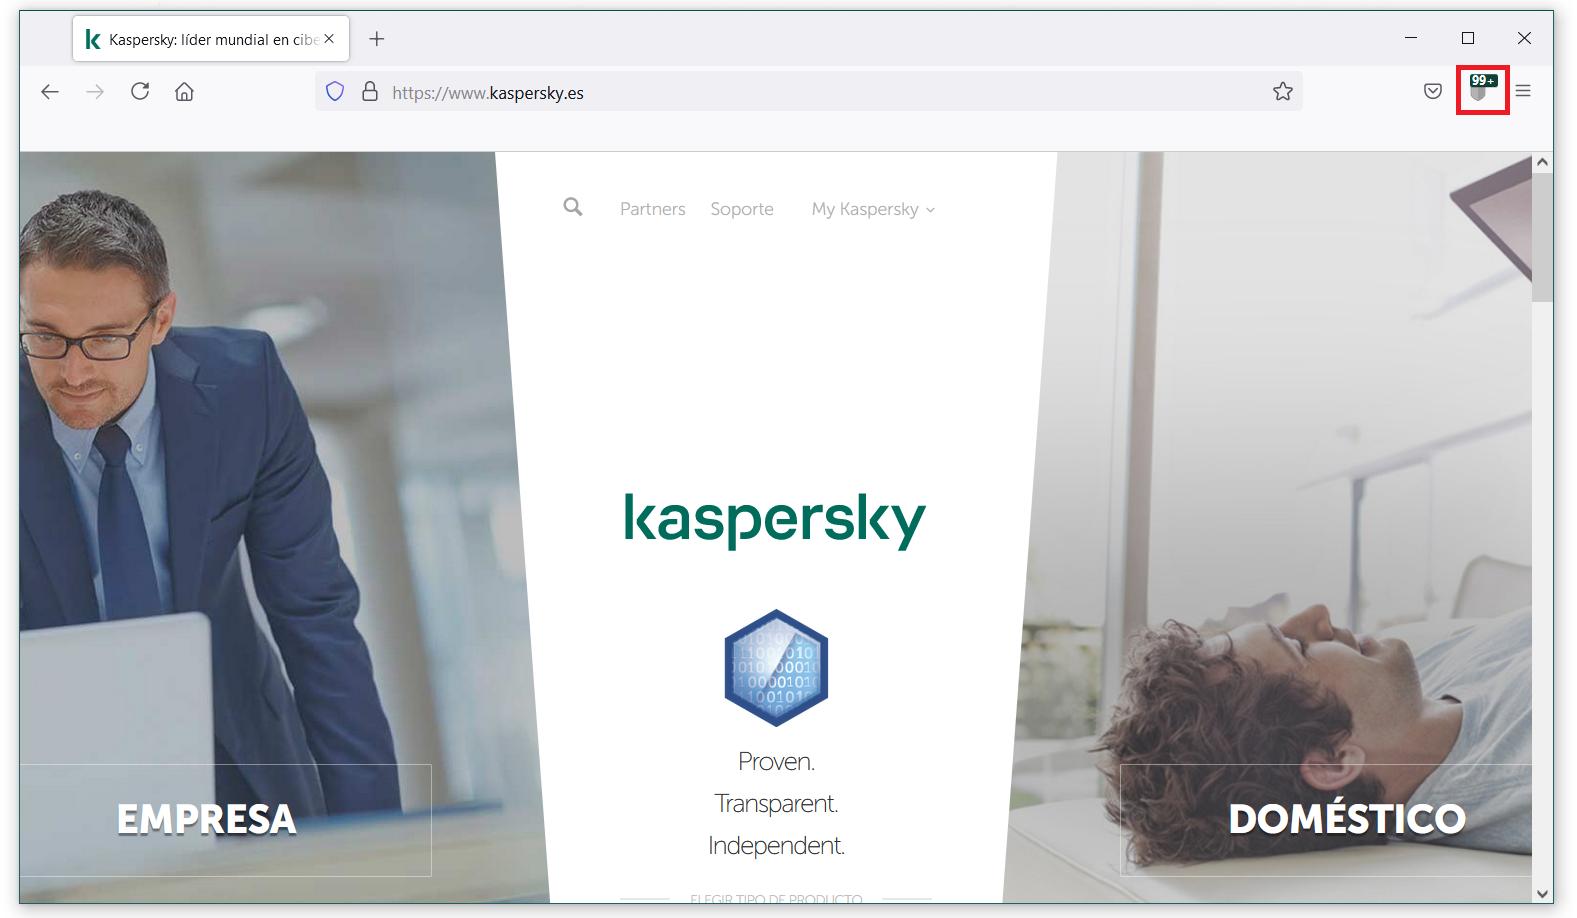 Si ya tienes instalada la extensión de Kaspersky Protection, su ícono debería aparecer en la barra de navegación del navegador